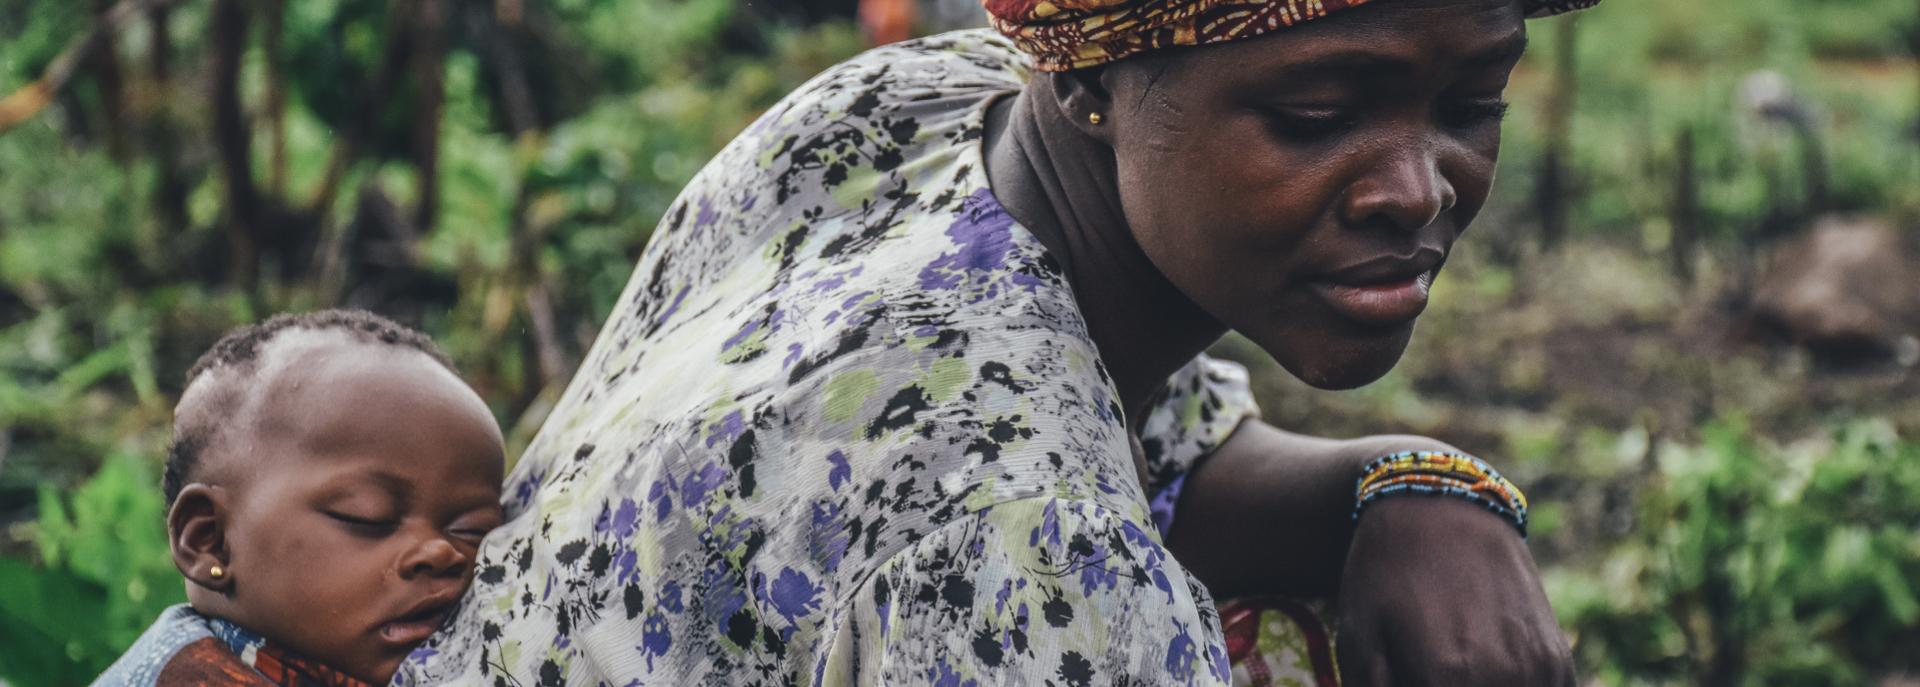 Le tenaci fiammelle del continente africano: l'Ospedale Fatebenefratelli di Tanguièta